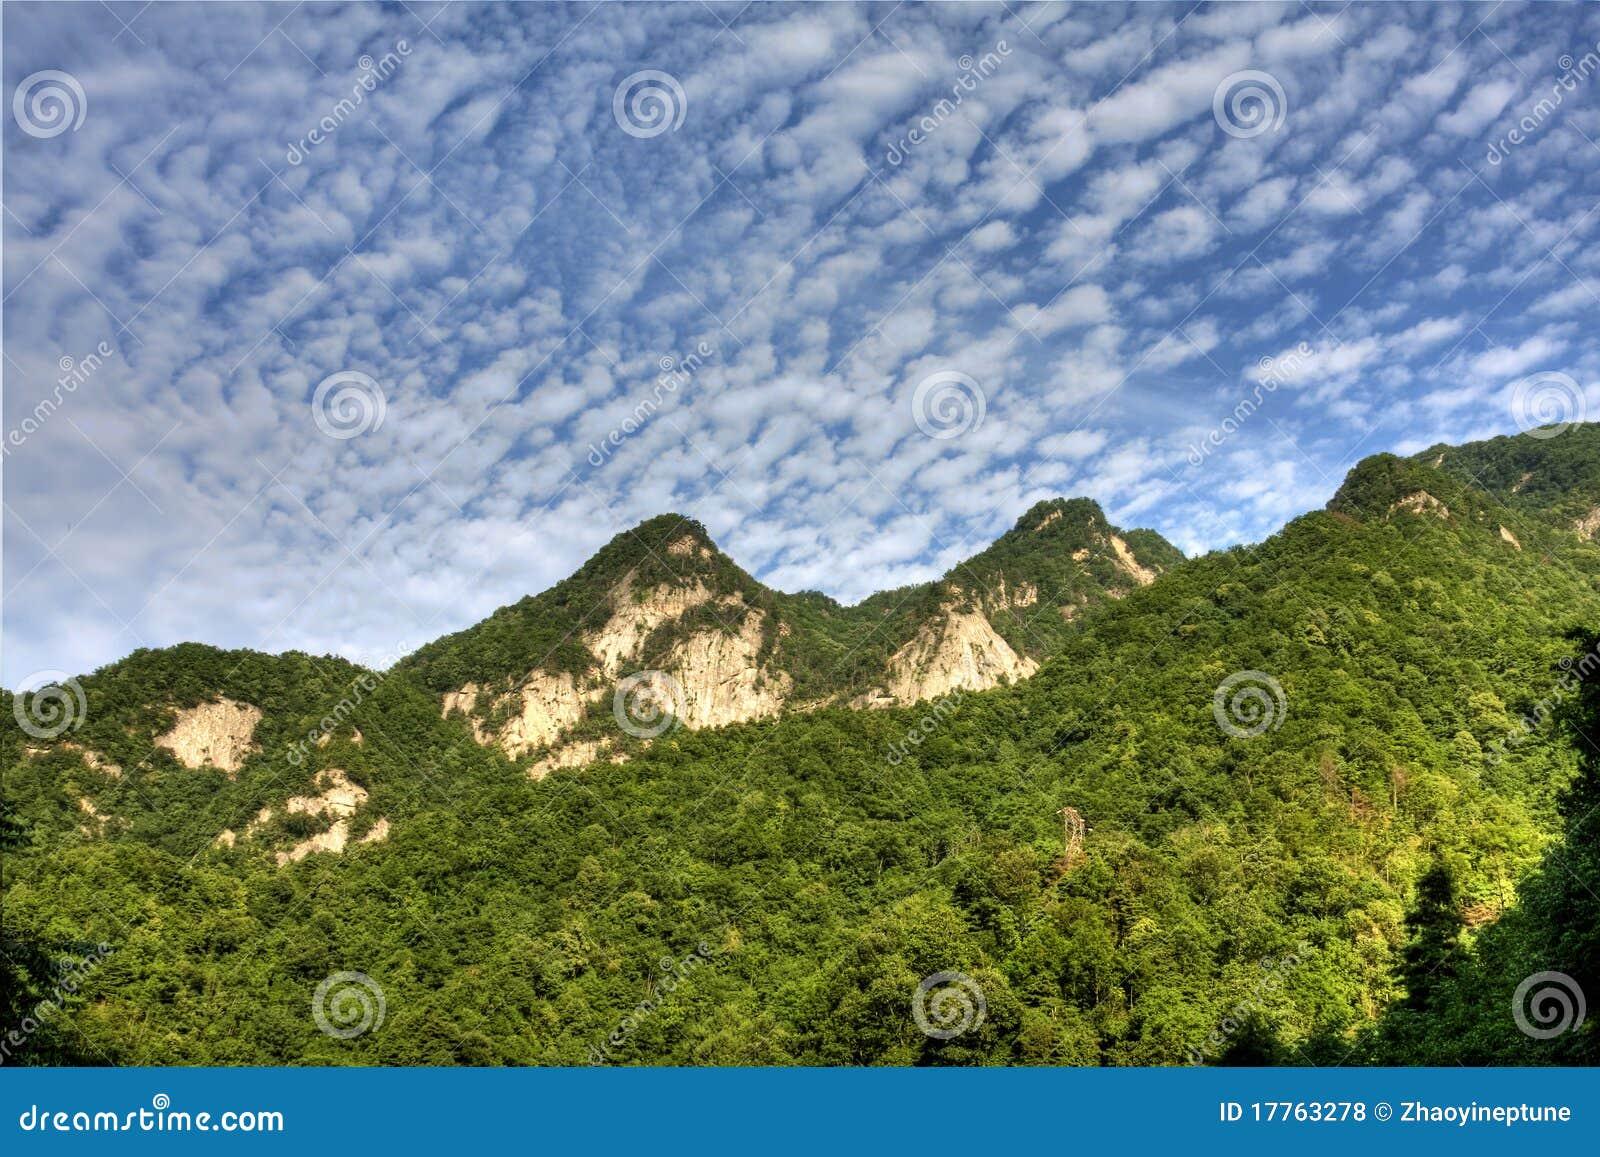 Qin Mountains Qinling Mountain stock...